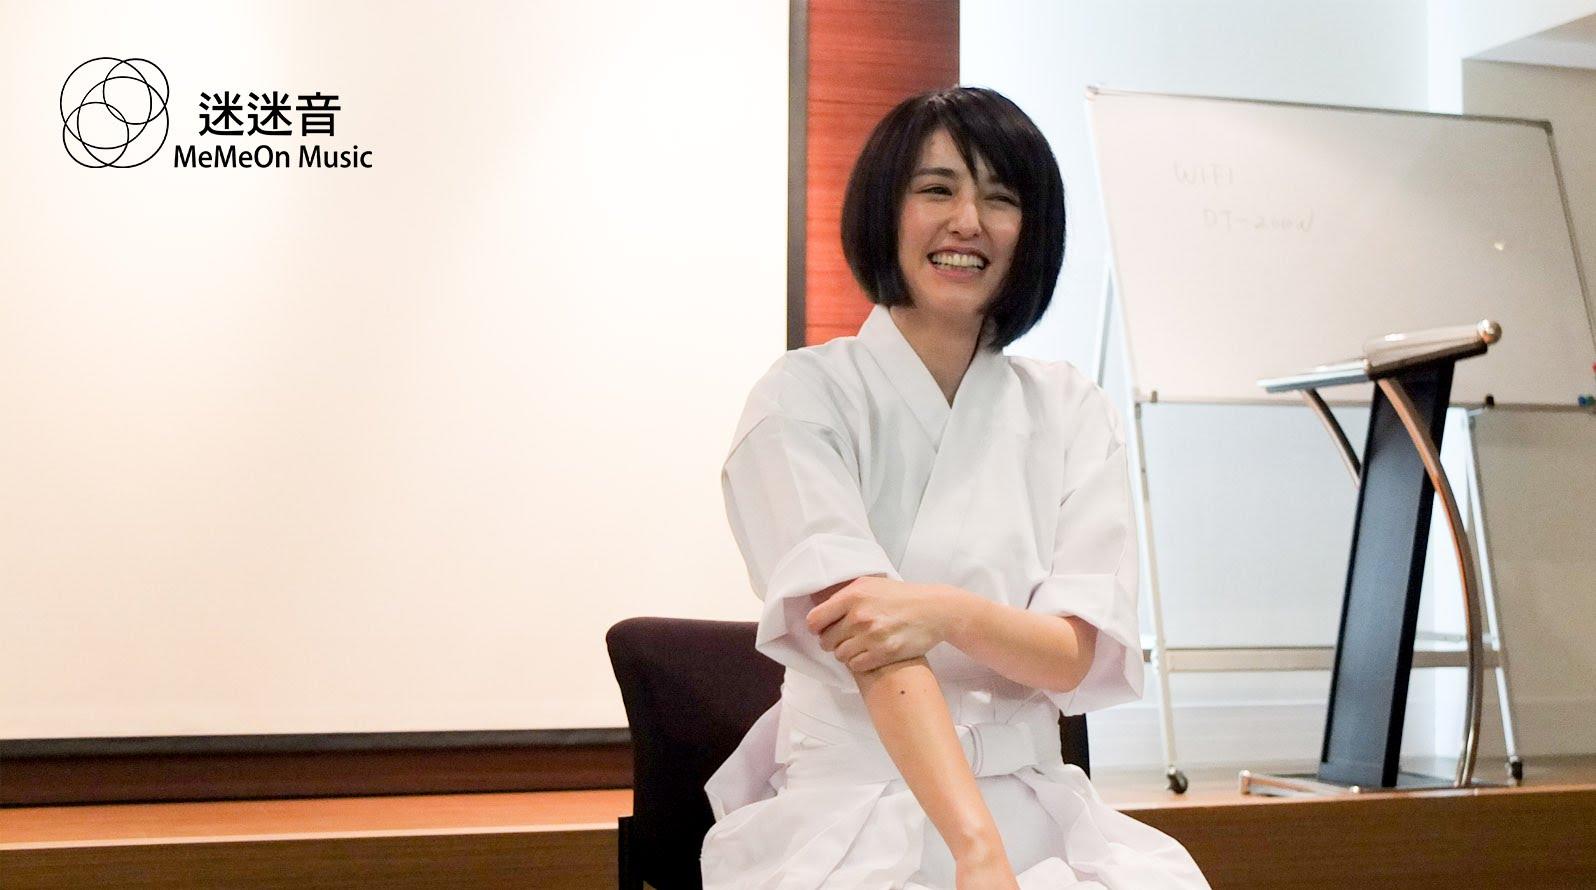 從宮崎駿到生死觀--現代「神隱少女」藝術家小松美羽訪談(1)